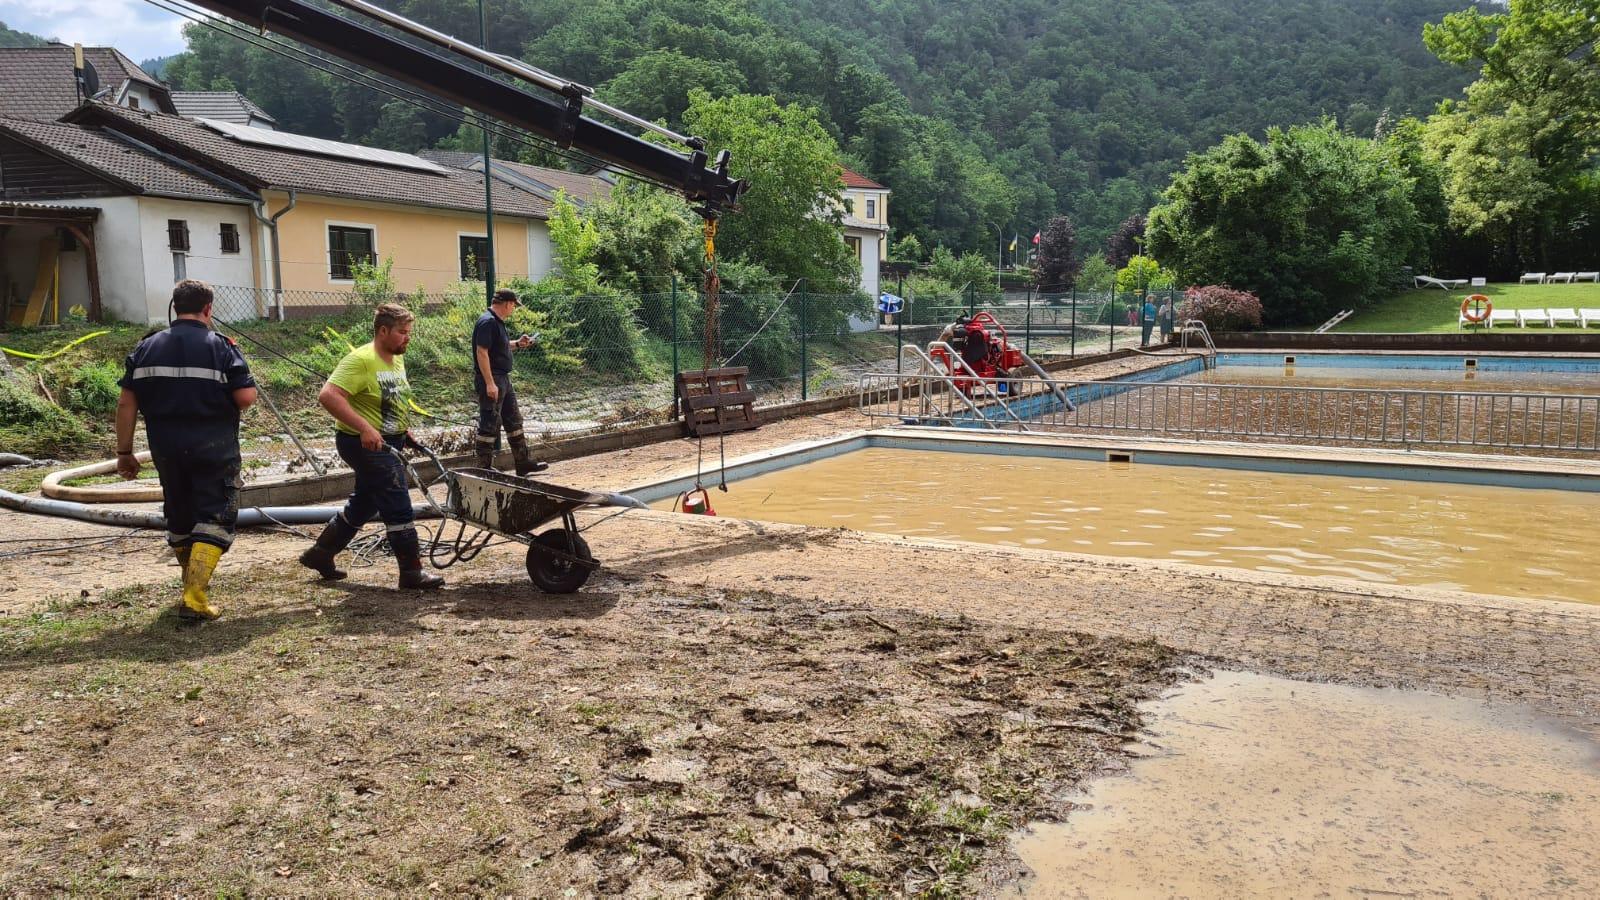 2021-07-19 - Unwettereinsatz-Aggsbach-Dorf (5)